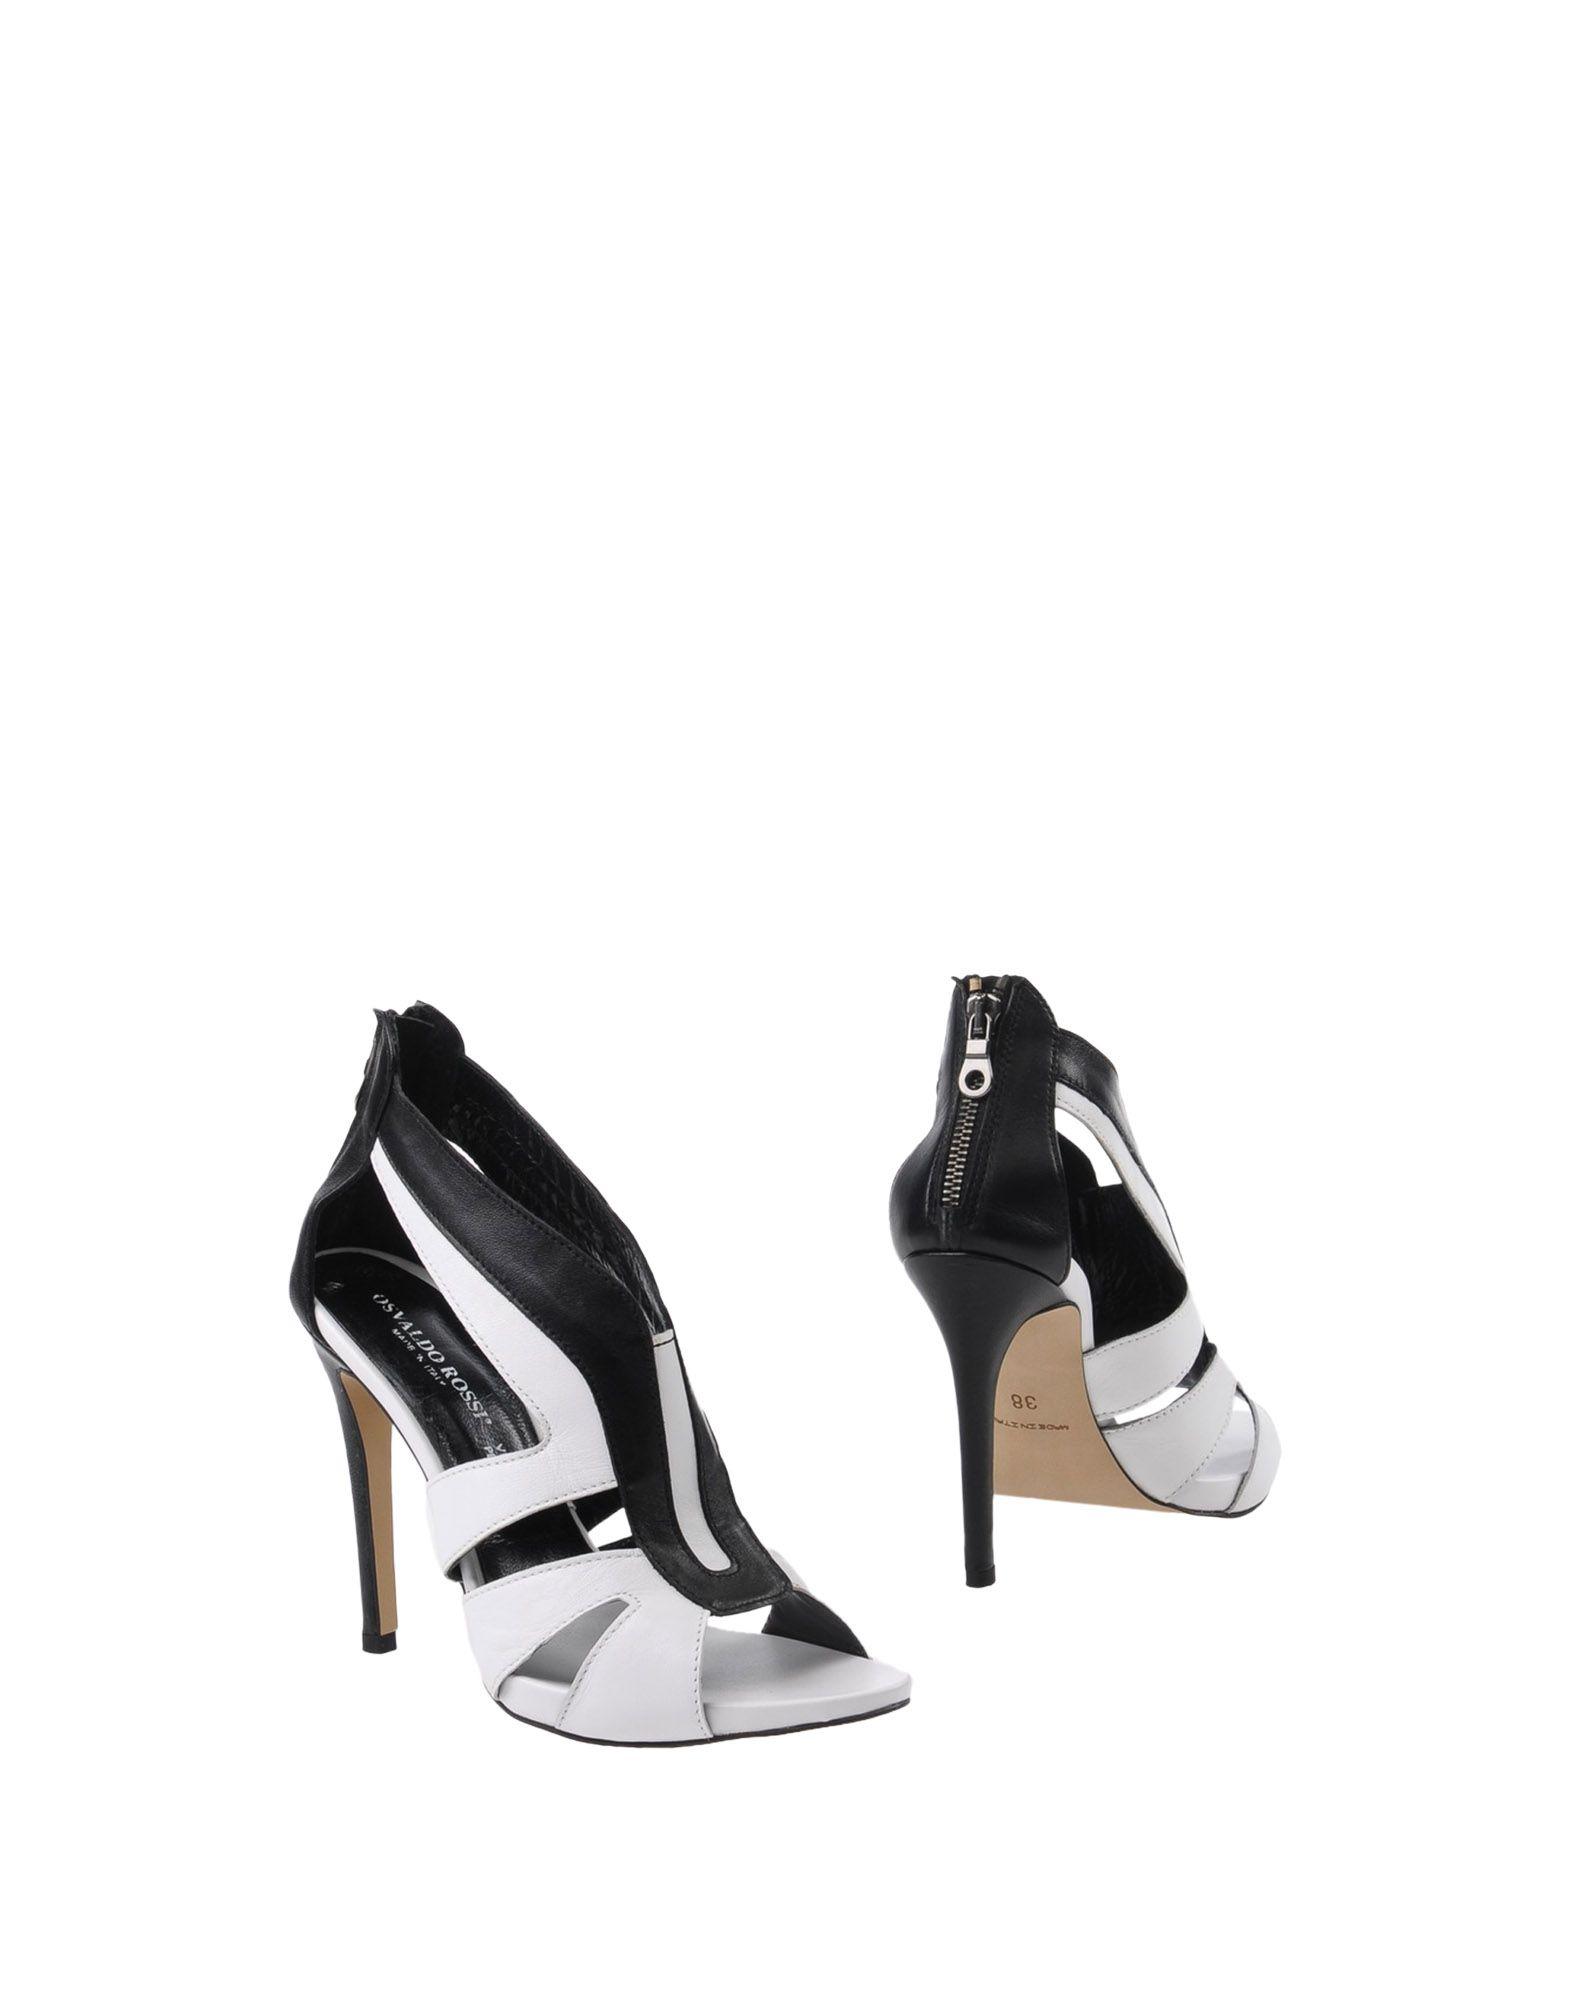 Osvaldo Rossi Stiefelette Damen  11340950WW Gute Qualität beliebte Schuhe